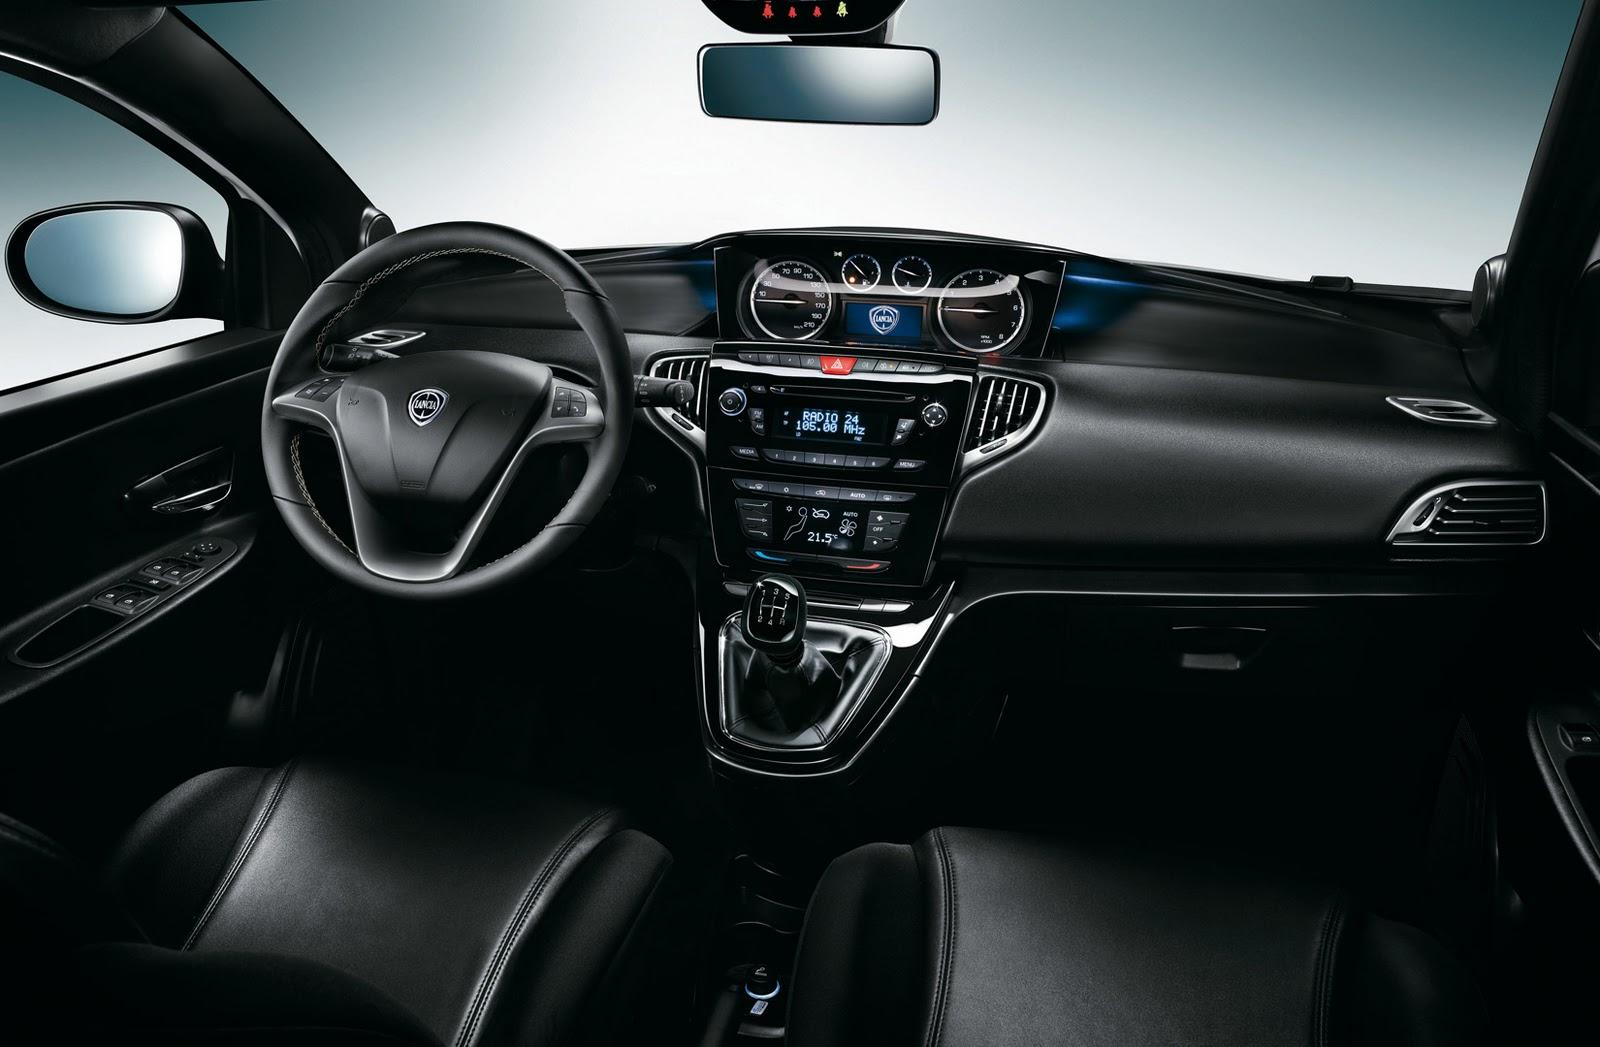 Lancia ypsilon 2011 video ufficiali e caratteristiche principali della nuova berlina - Lancia y diva 2011 ...